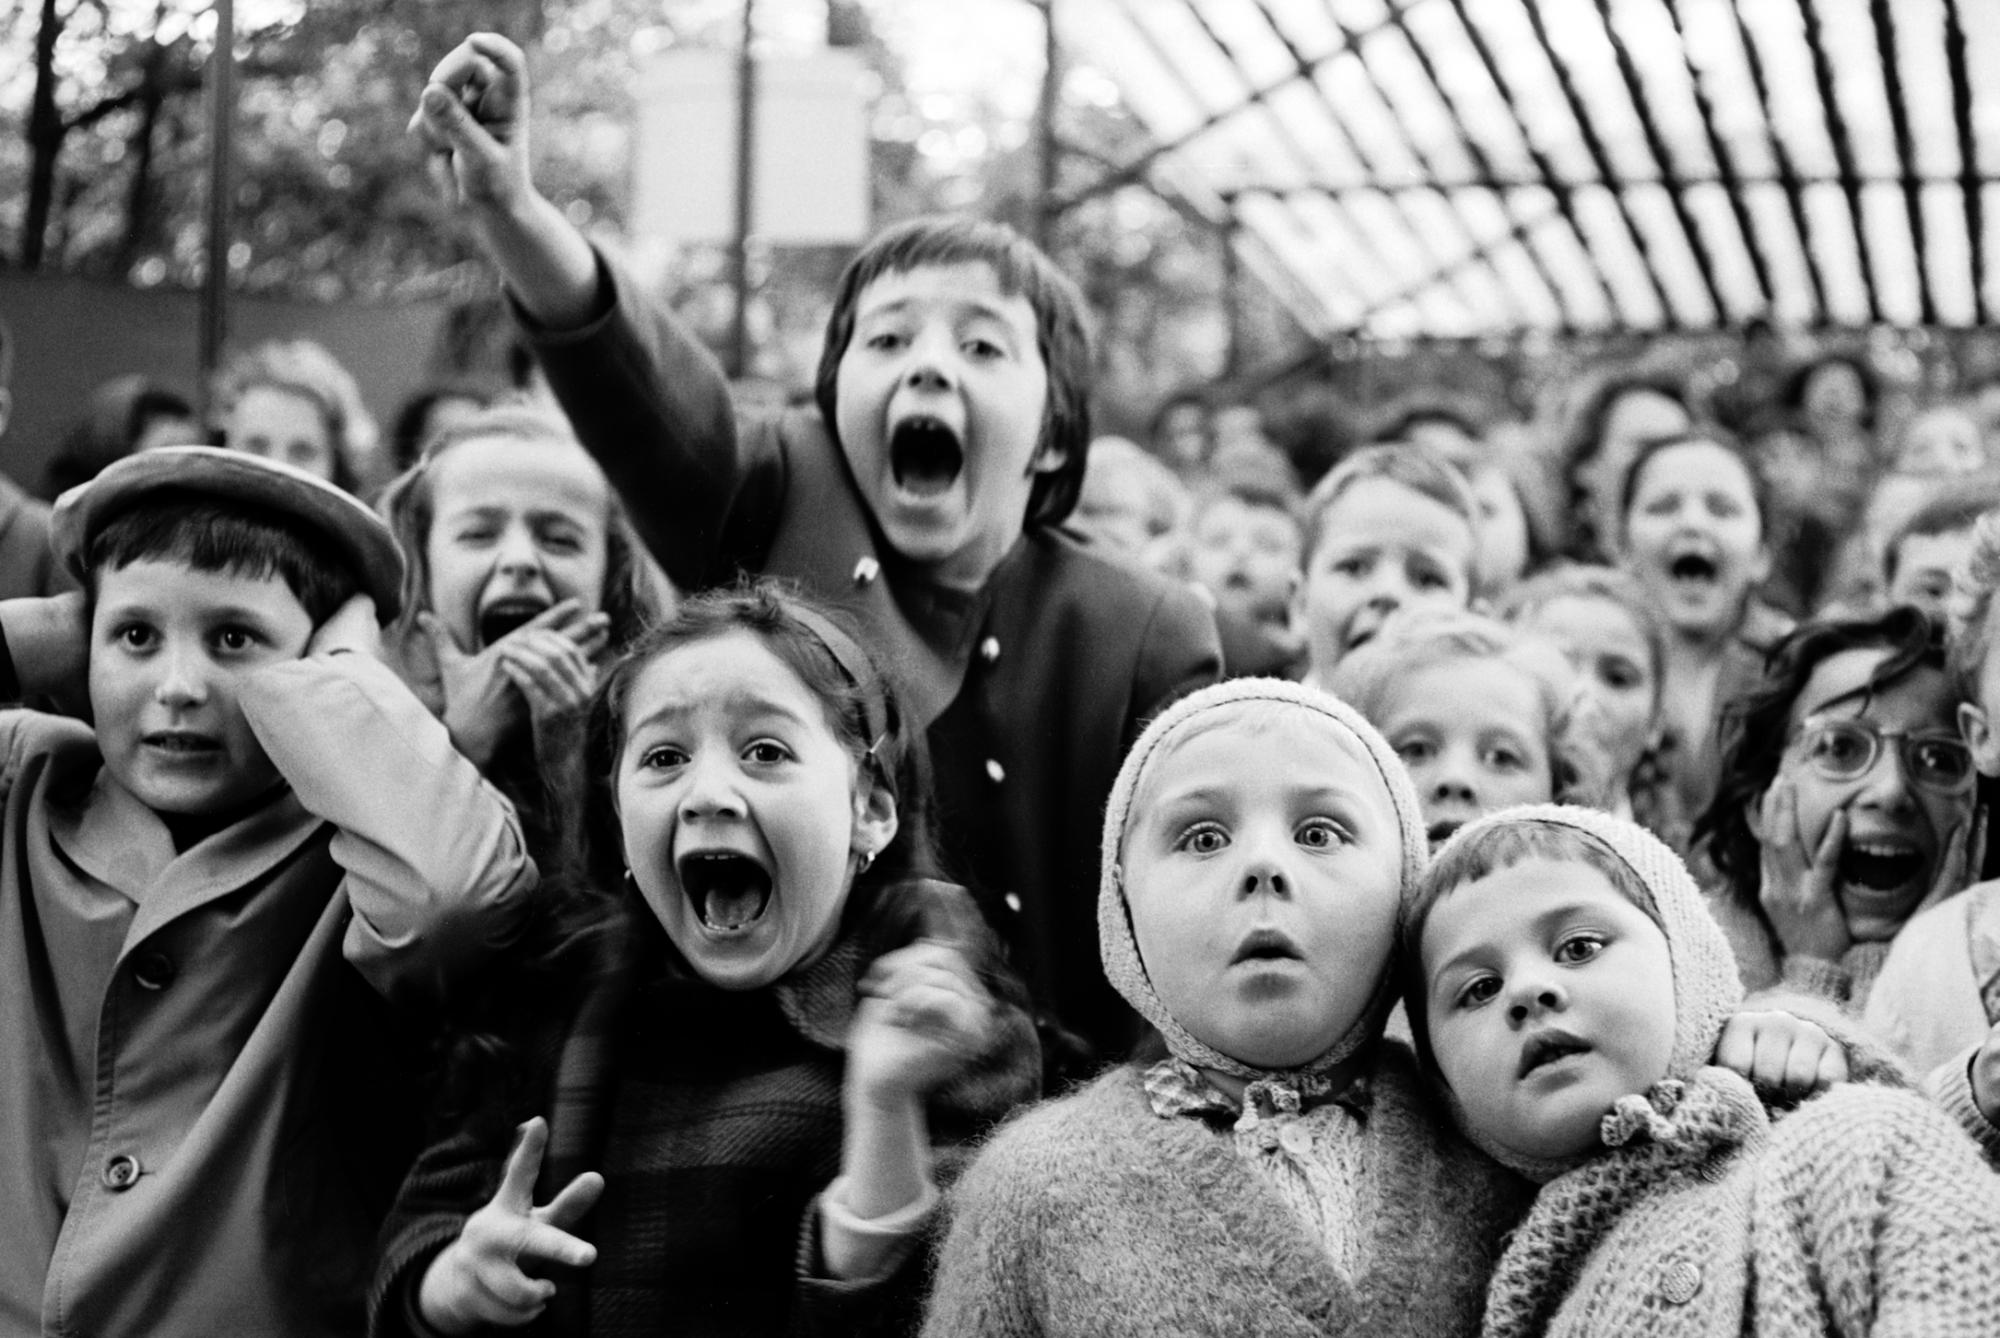 Fotó: Alfred Eisenstaedt: Gyerekek a bábszínházban, Párizs, 1963 © Time & Life Pictures/Getty Images